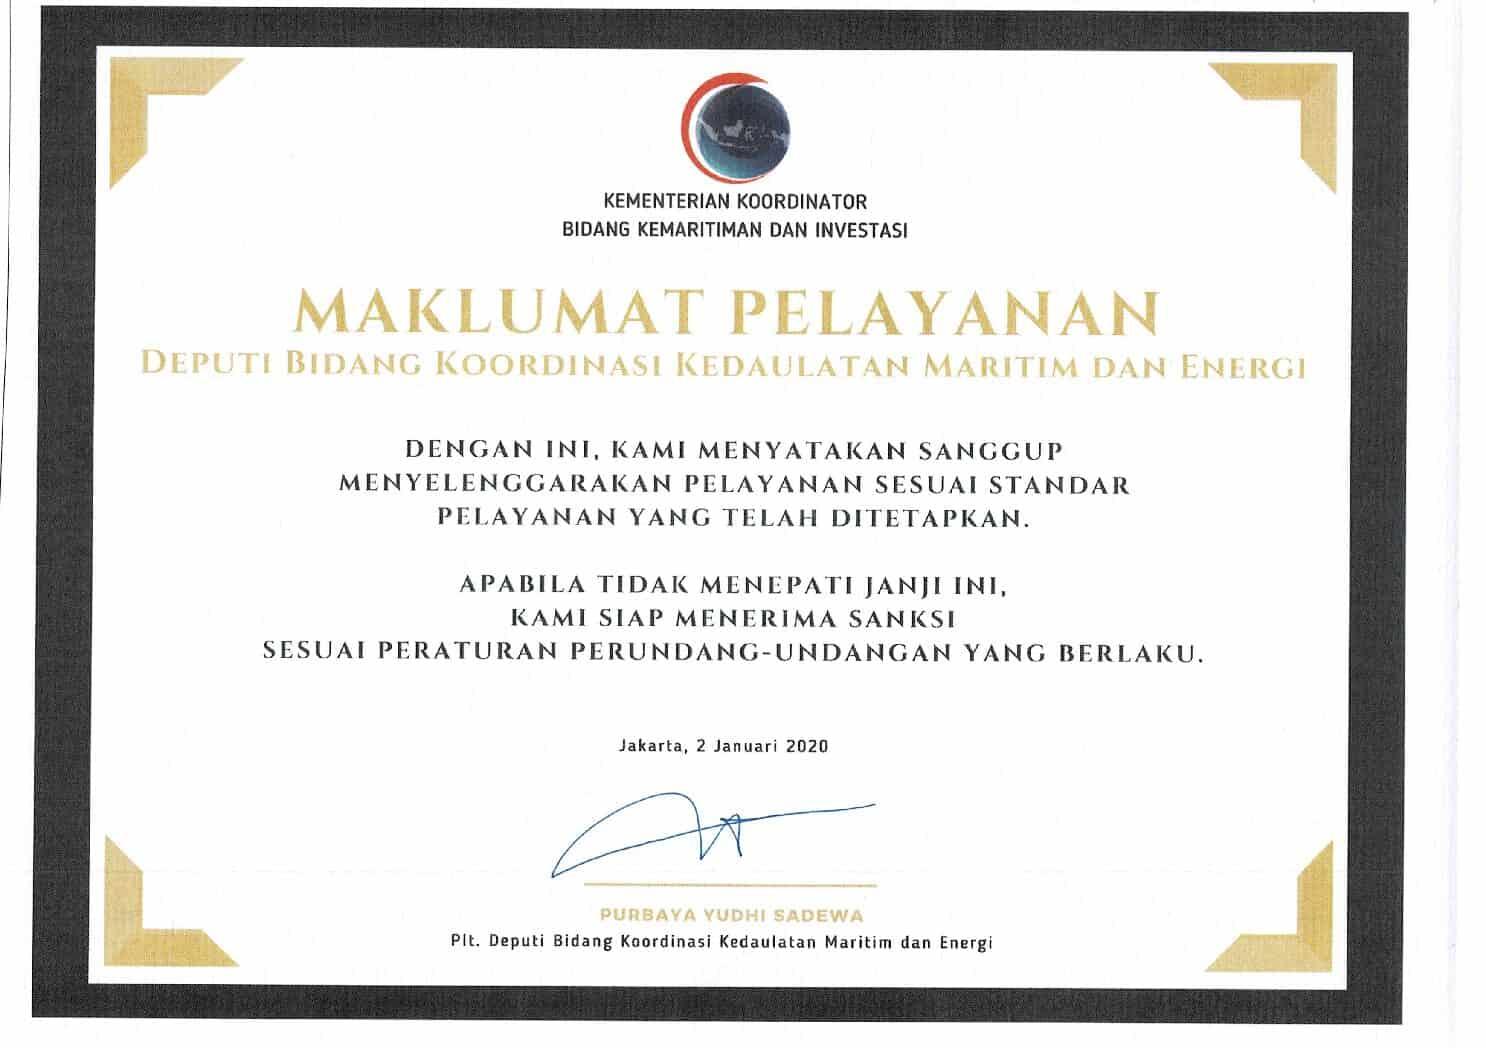 Maklumat Pelayanan Deputi Bidang Koordinasi Kedaulatan Maritim dan Energi Kemenko Marves